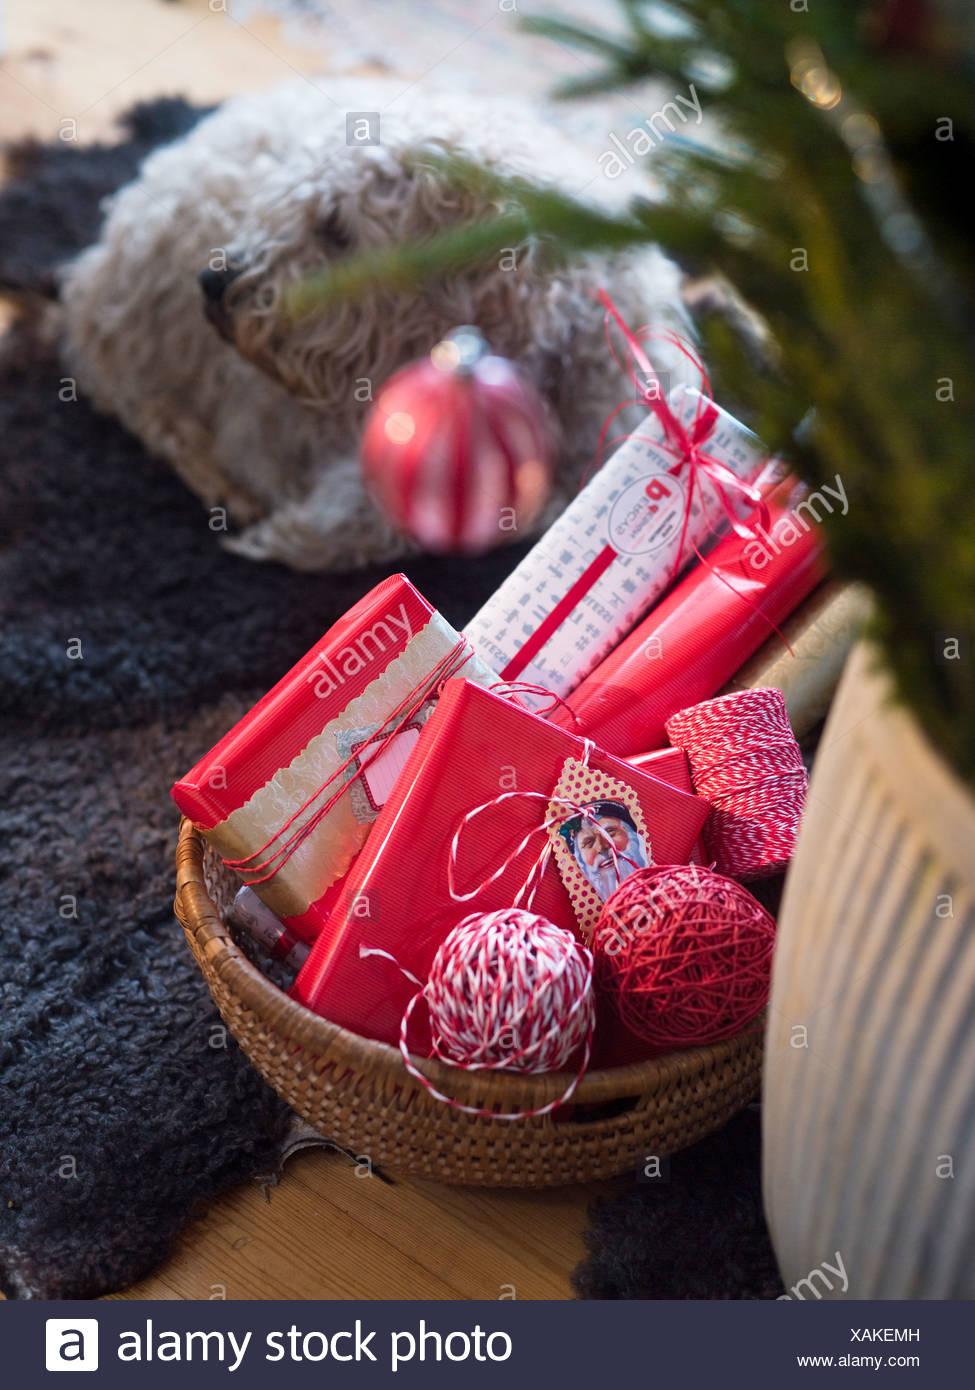 Weihnachtsgeschenke in Korb mit Hund liegend auf Hintergrund ...